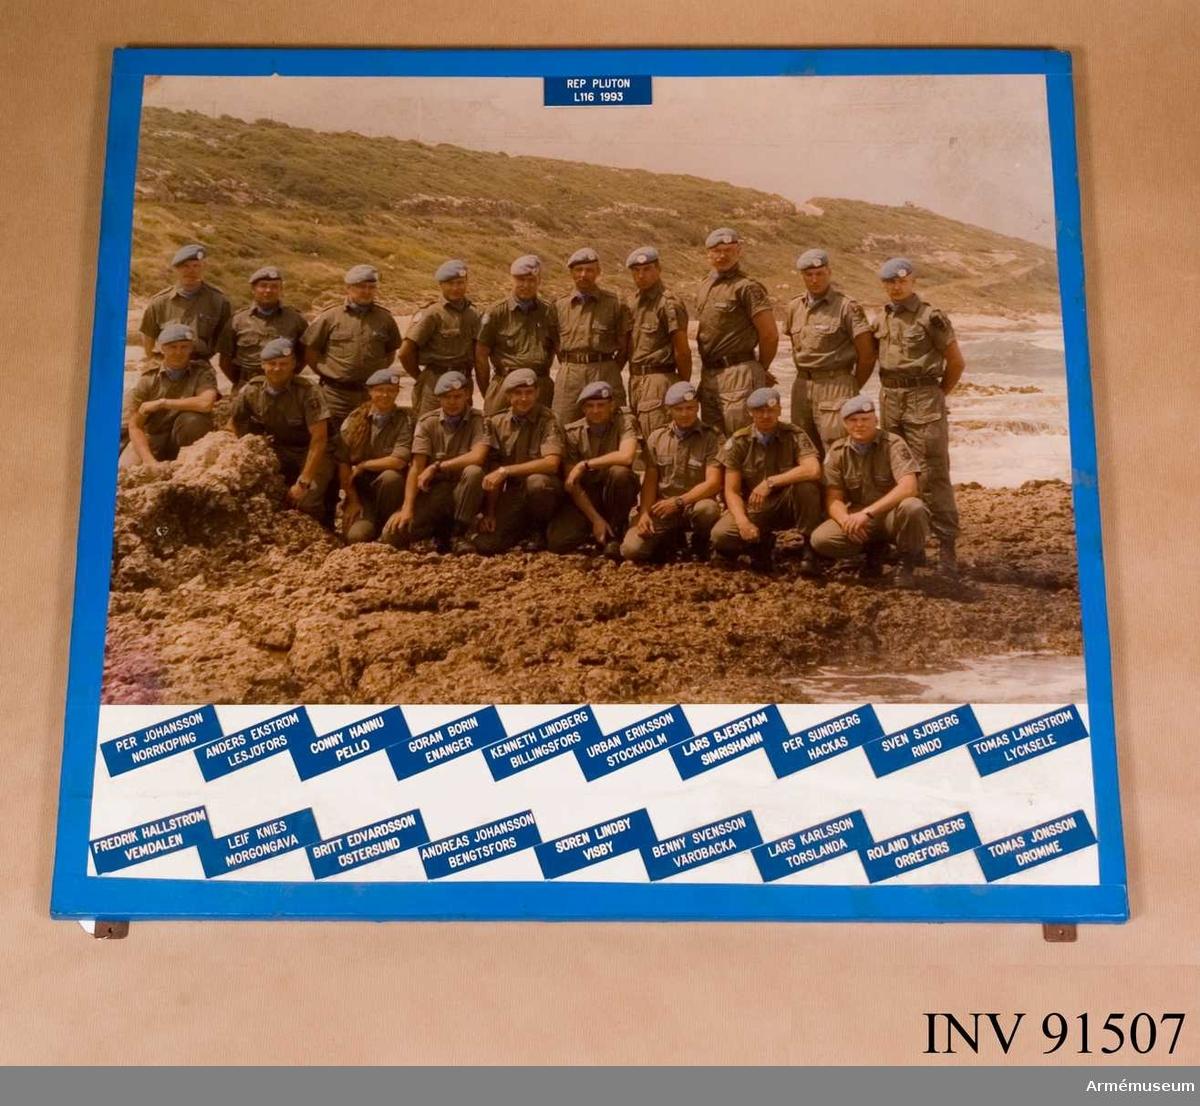 Foto med namn på Rep pluton L 116, 1993. 18 Män + 1 kvinna.